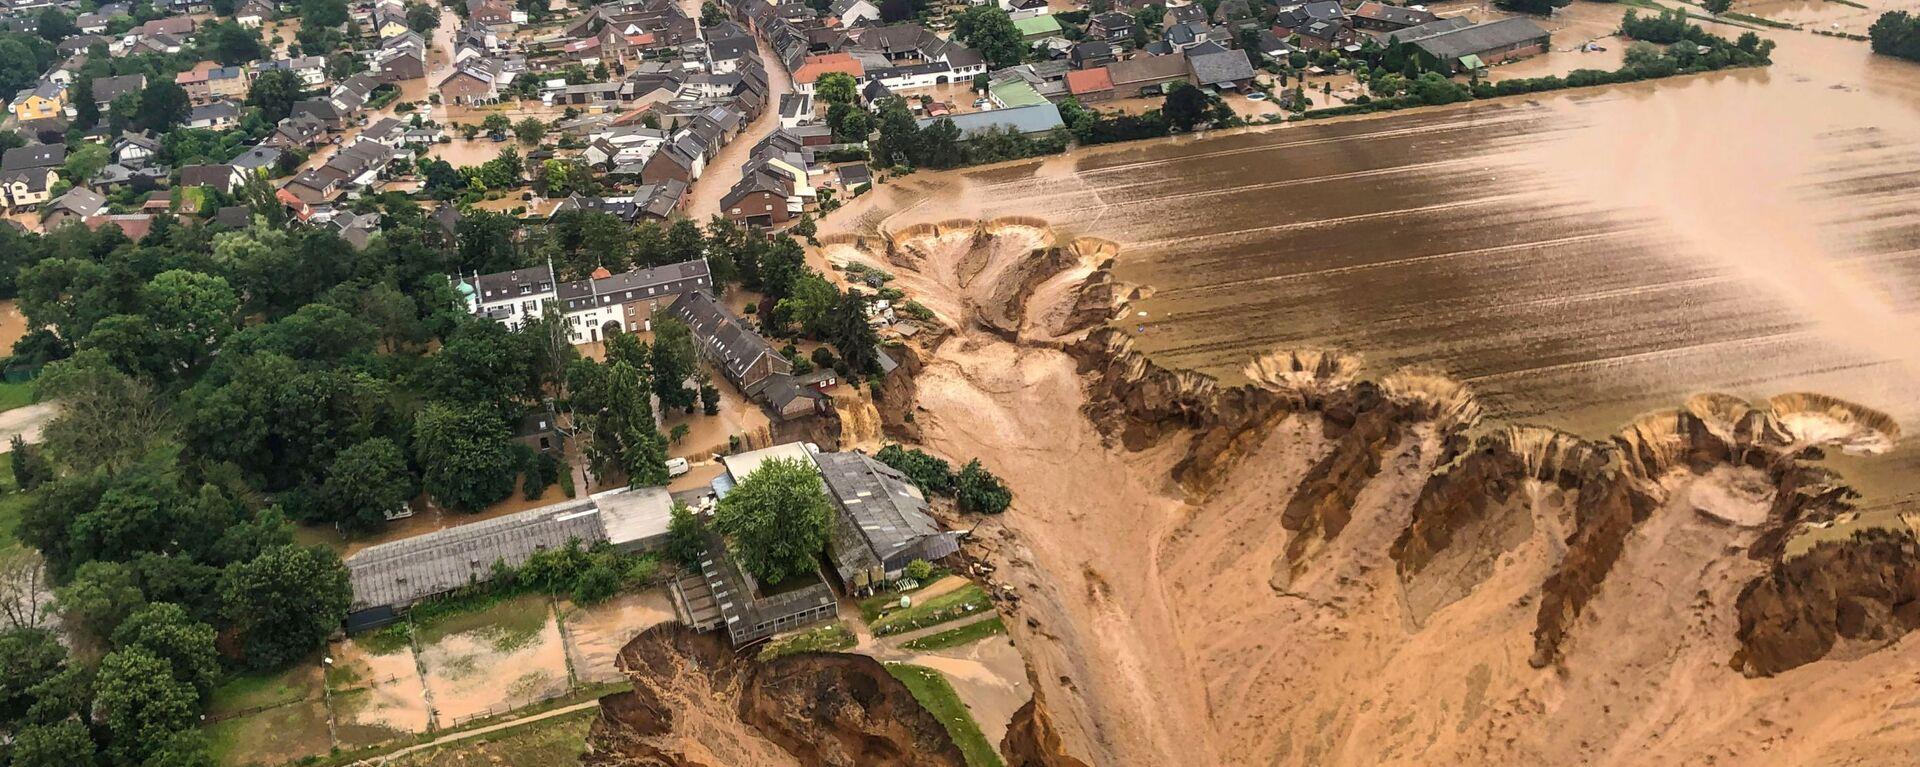 Площадь после наводнения в Эрфтштадт-Блессеме, Германия - Sputnik Polska, 1920, 17.07.2021